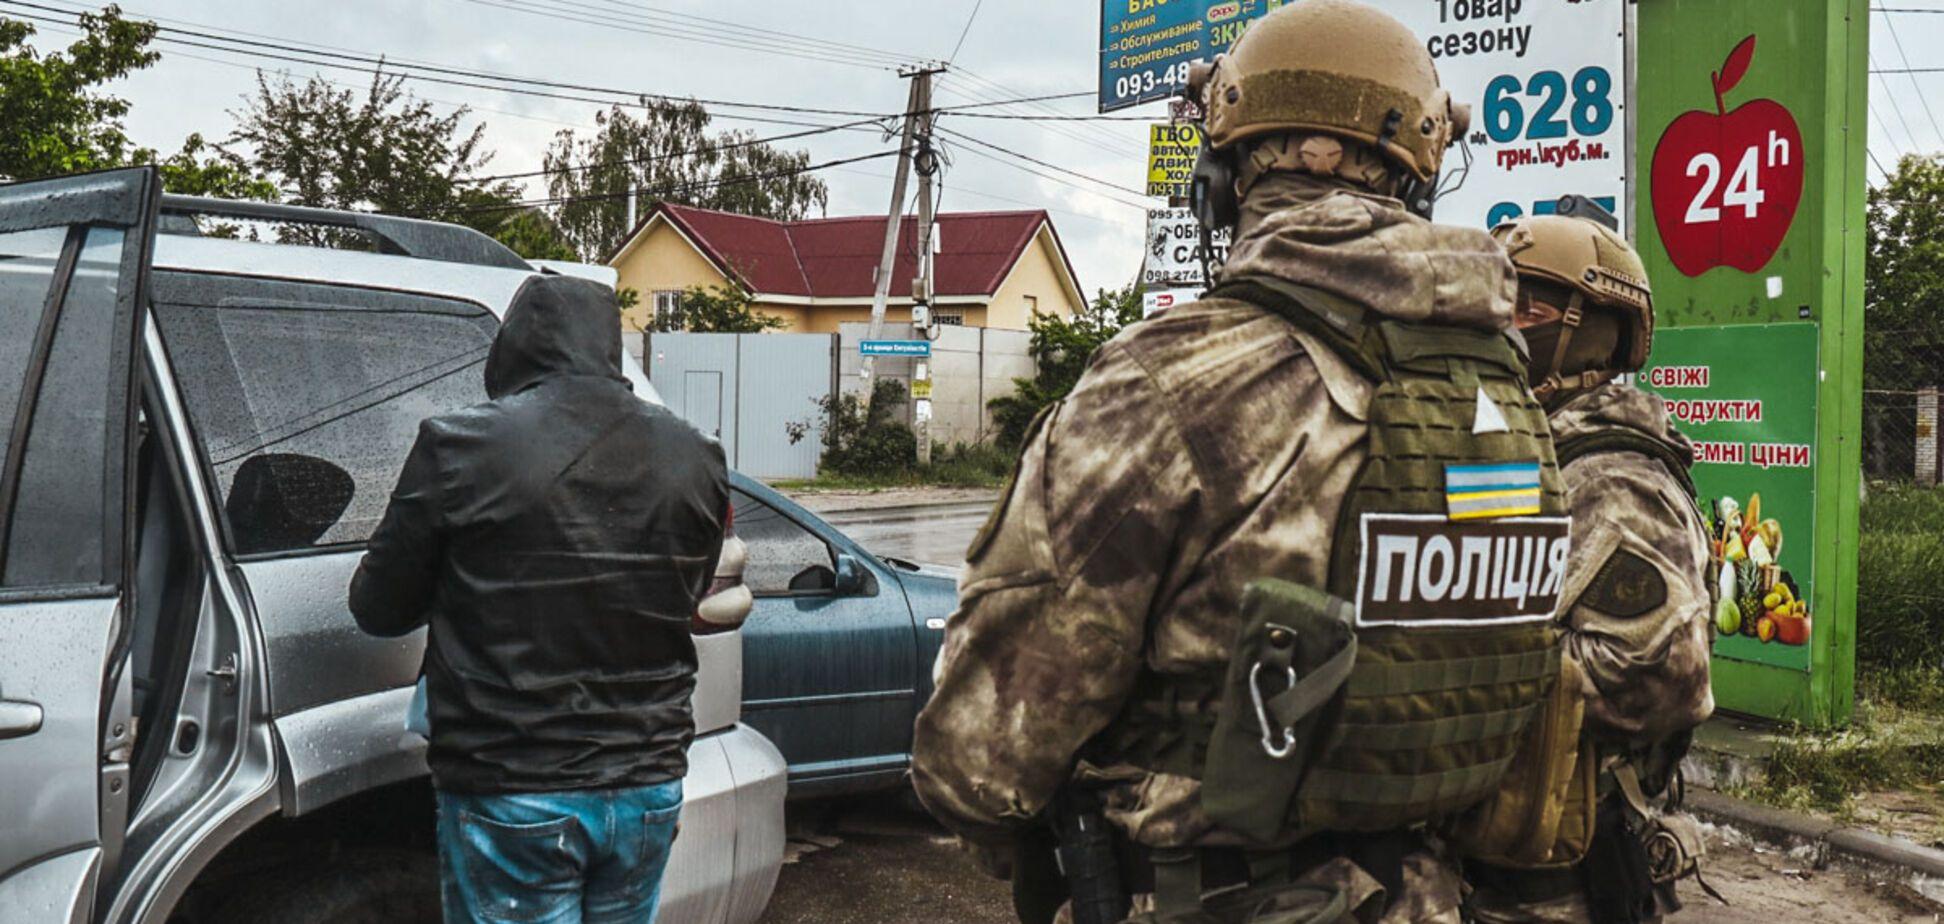 Виносили гроші і коштовності: в Києві по гарячих слідах затримали банду 'домушників'